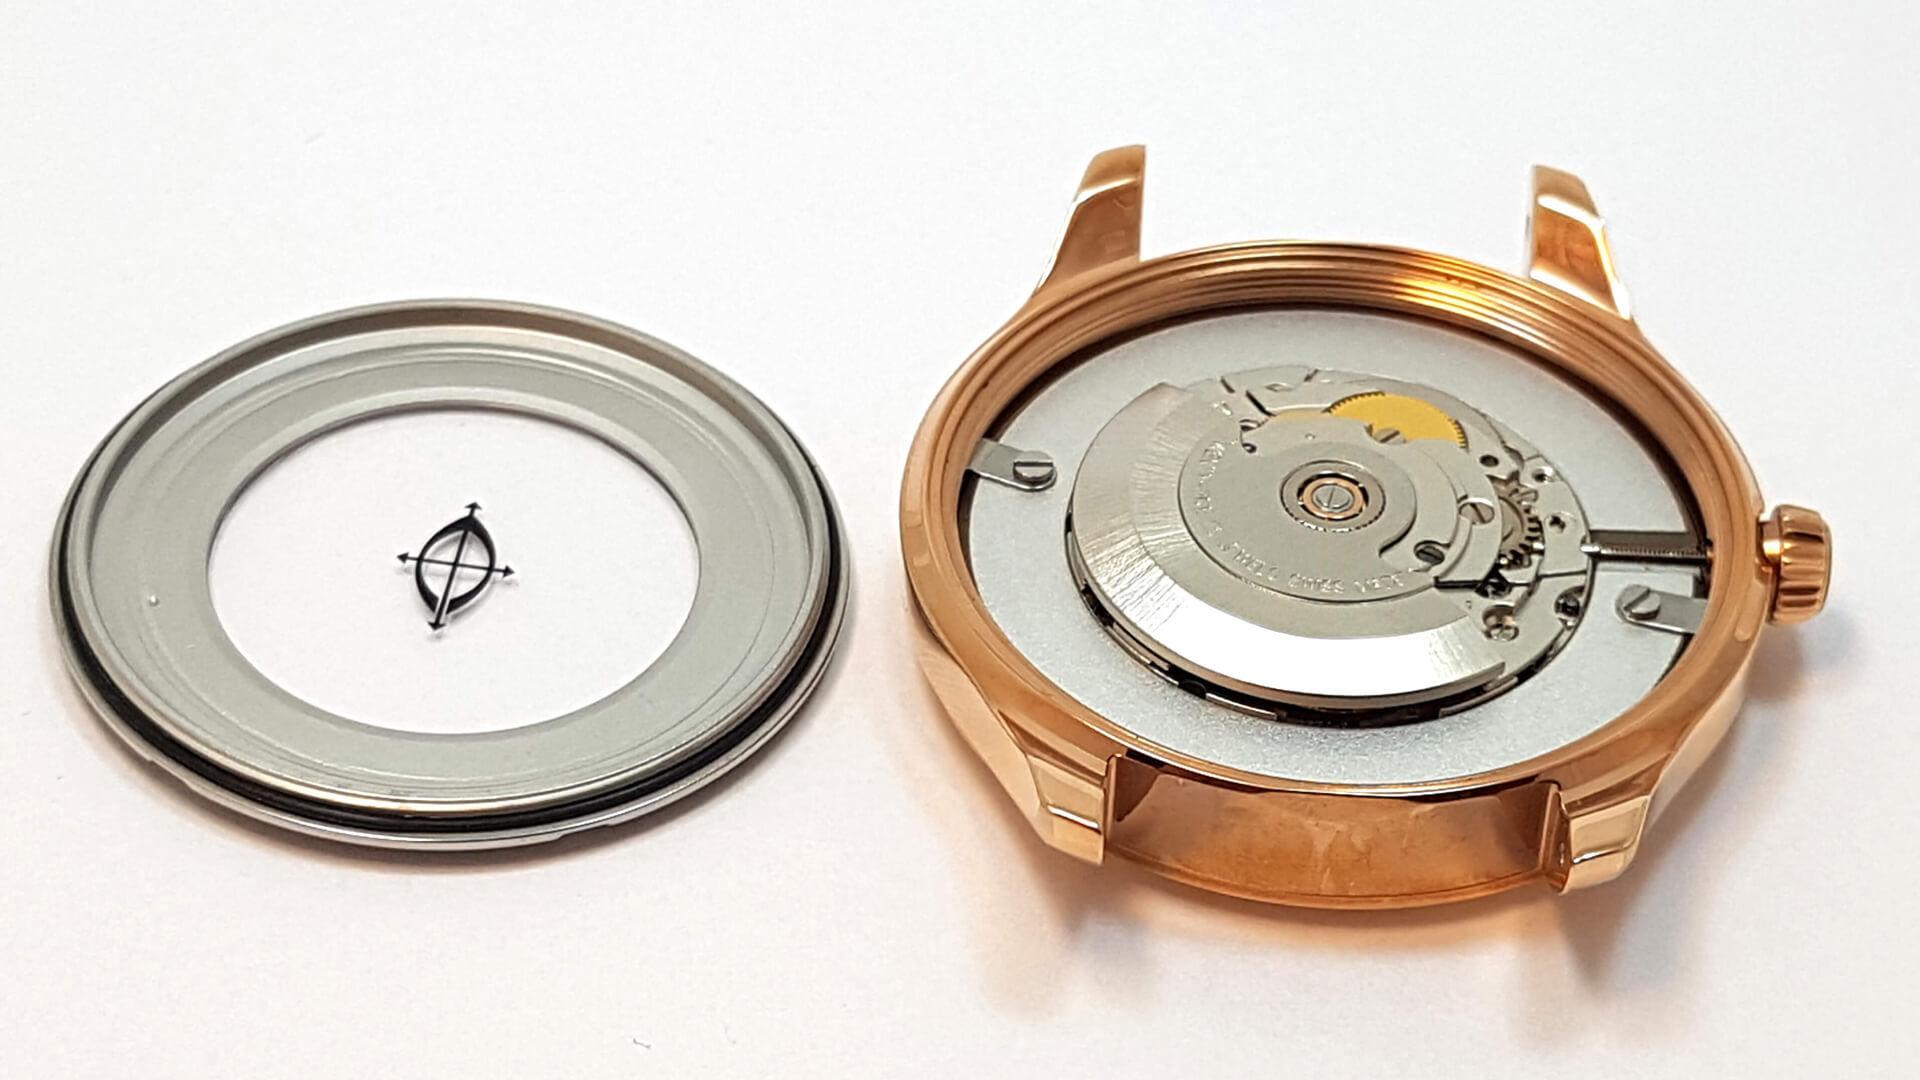 Dekiel koperty a szczelność zegarka